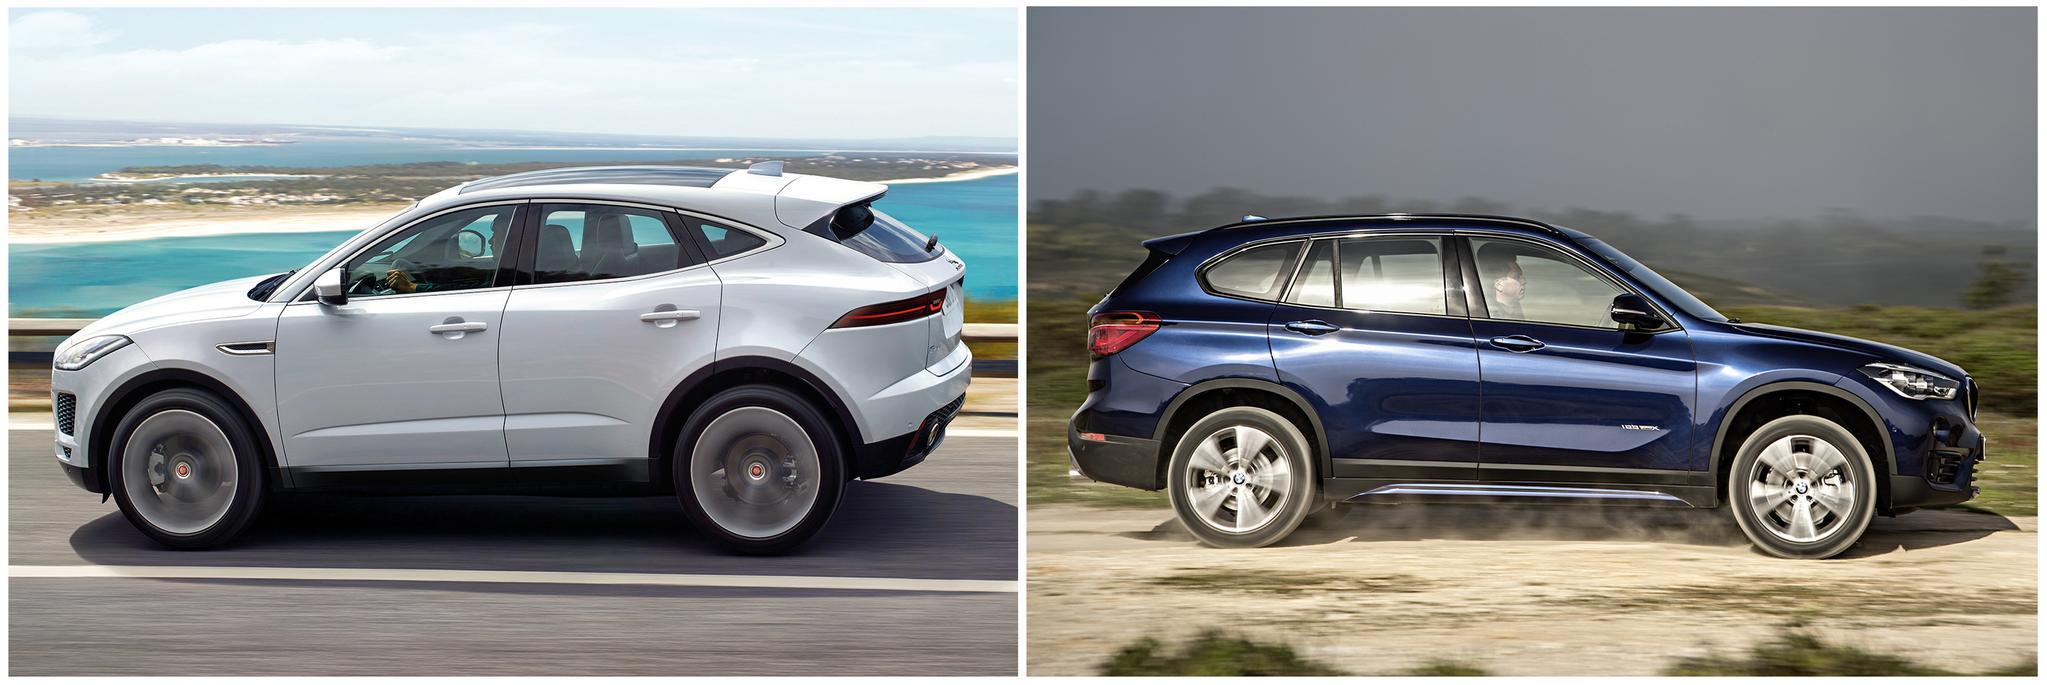 New Jaguar E-Pace vs BMW X1